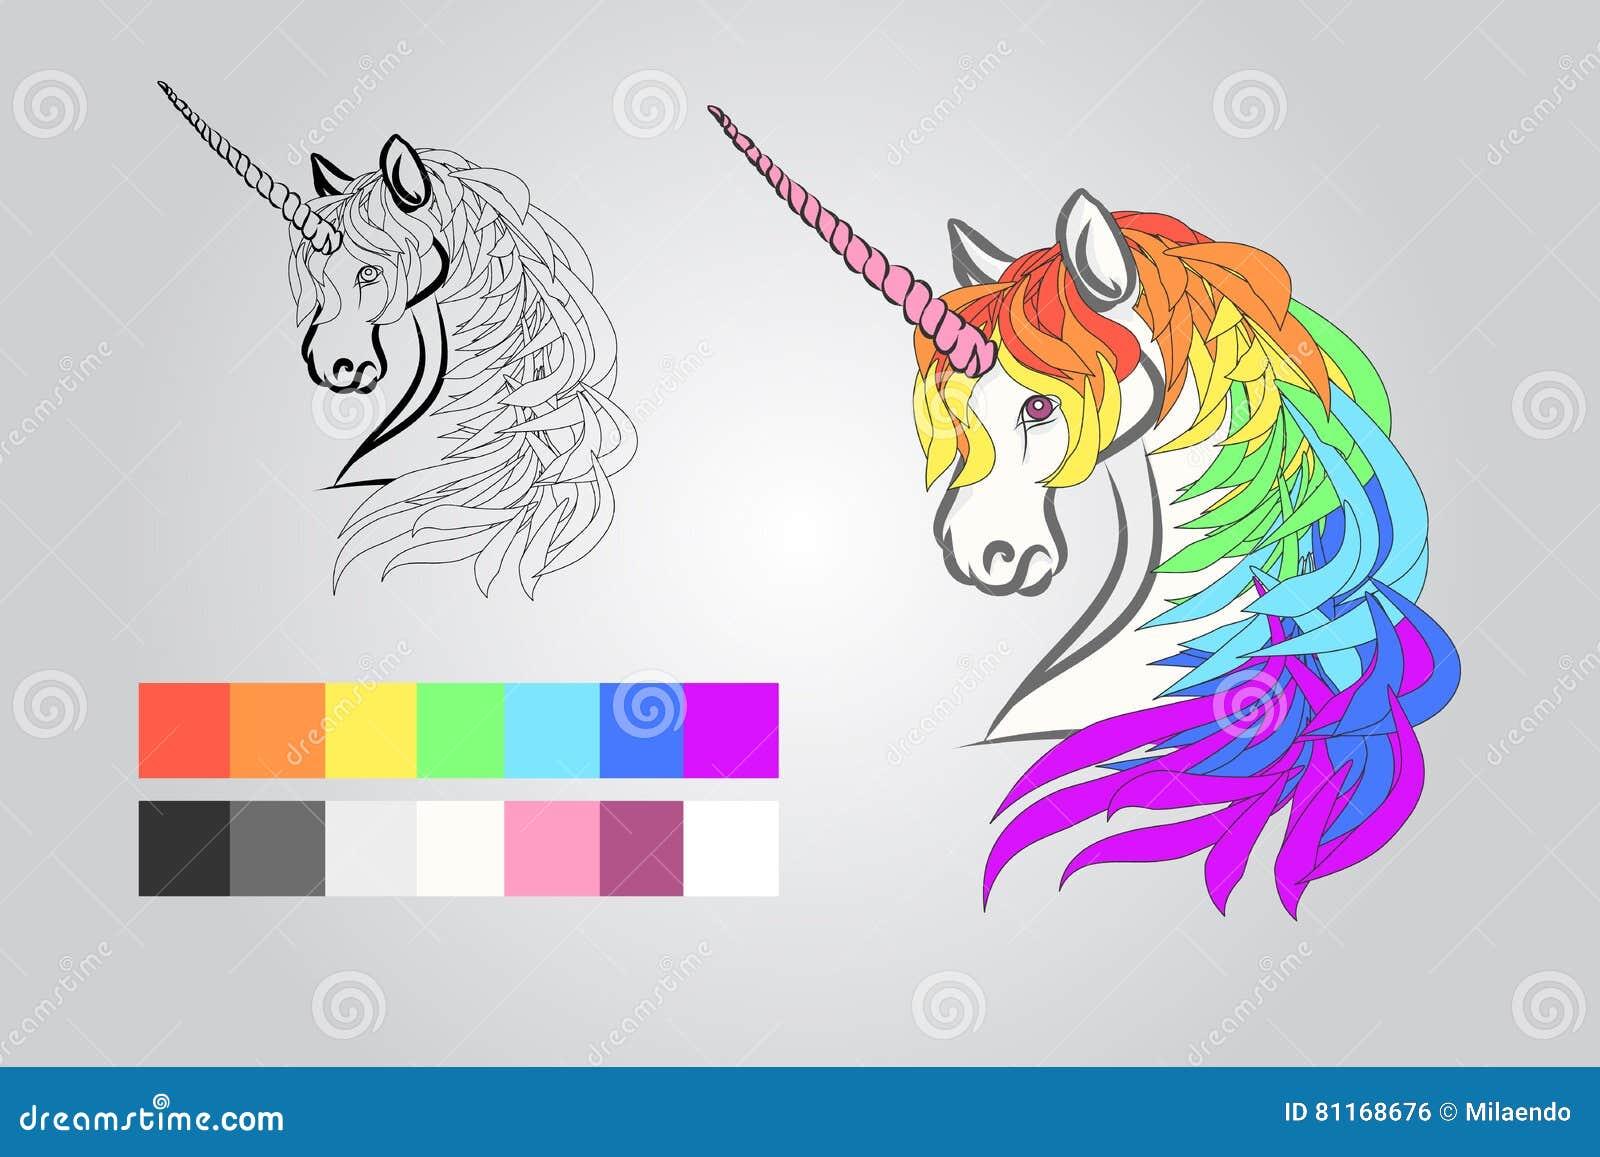 Coloritura per i bambini unicorno illustrazione for Decorazione unicorno